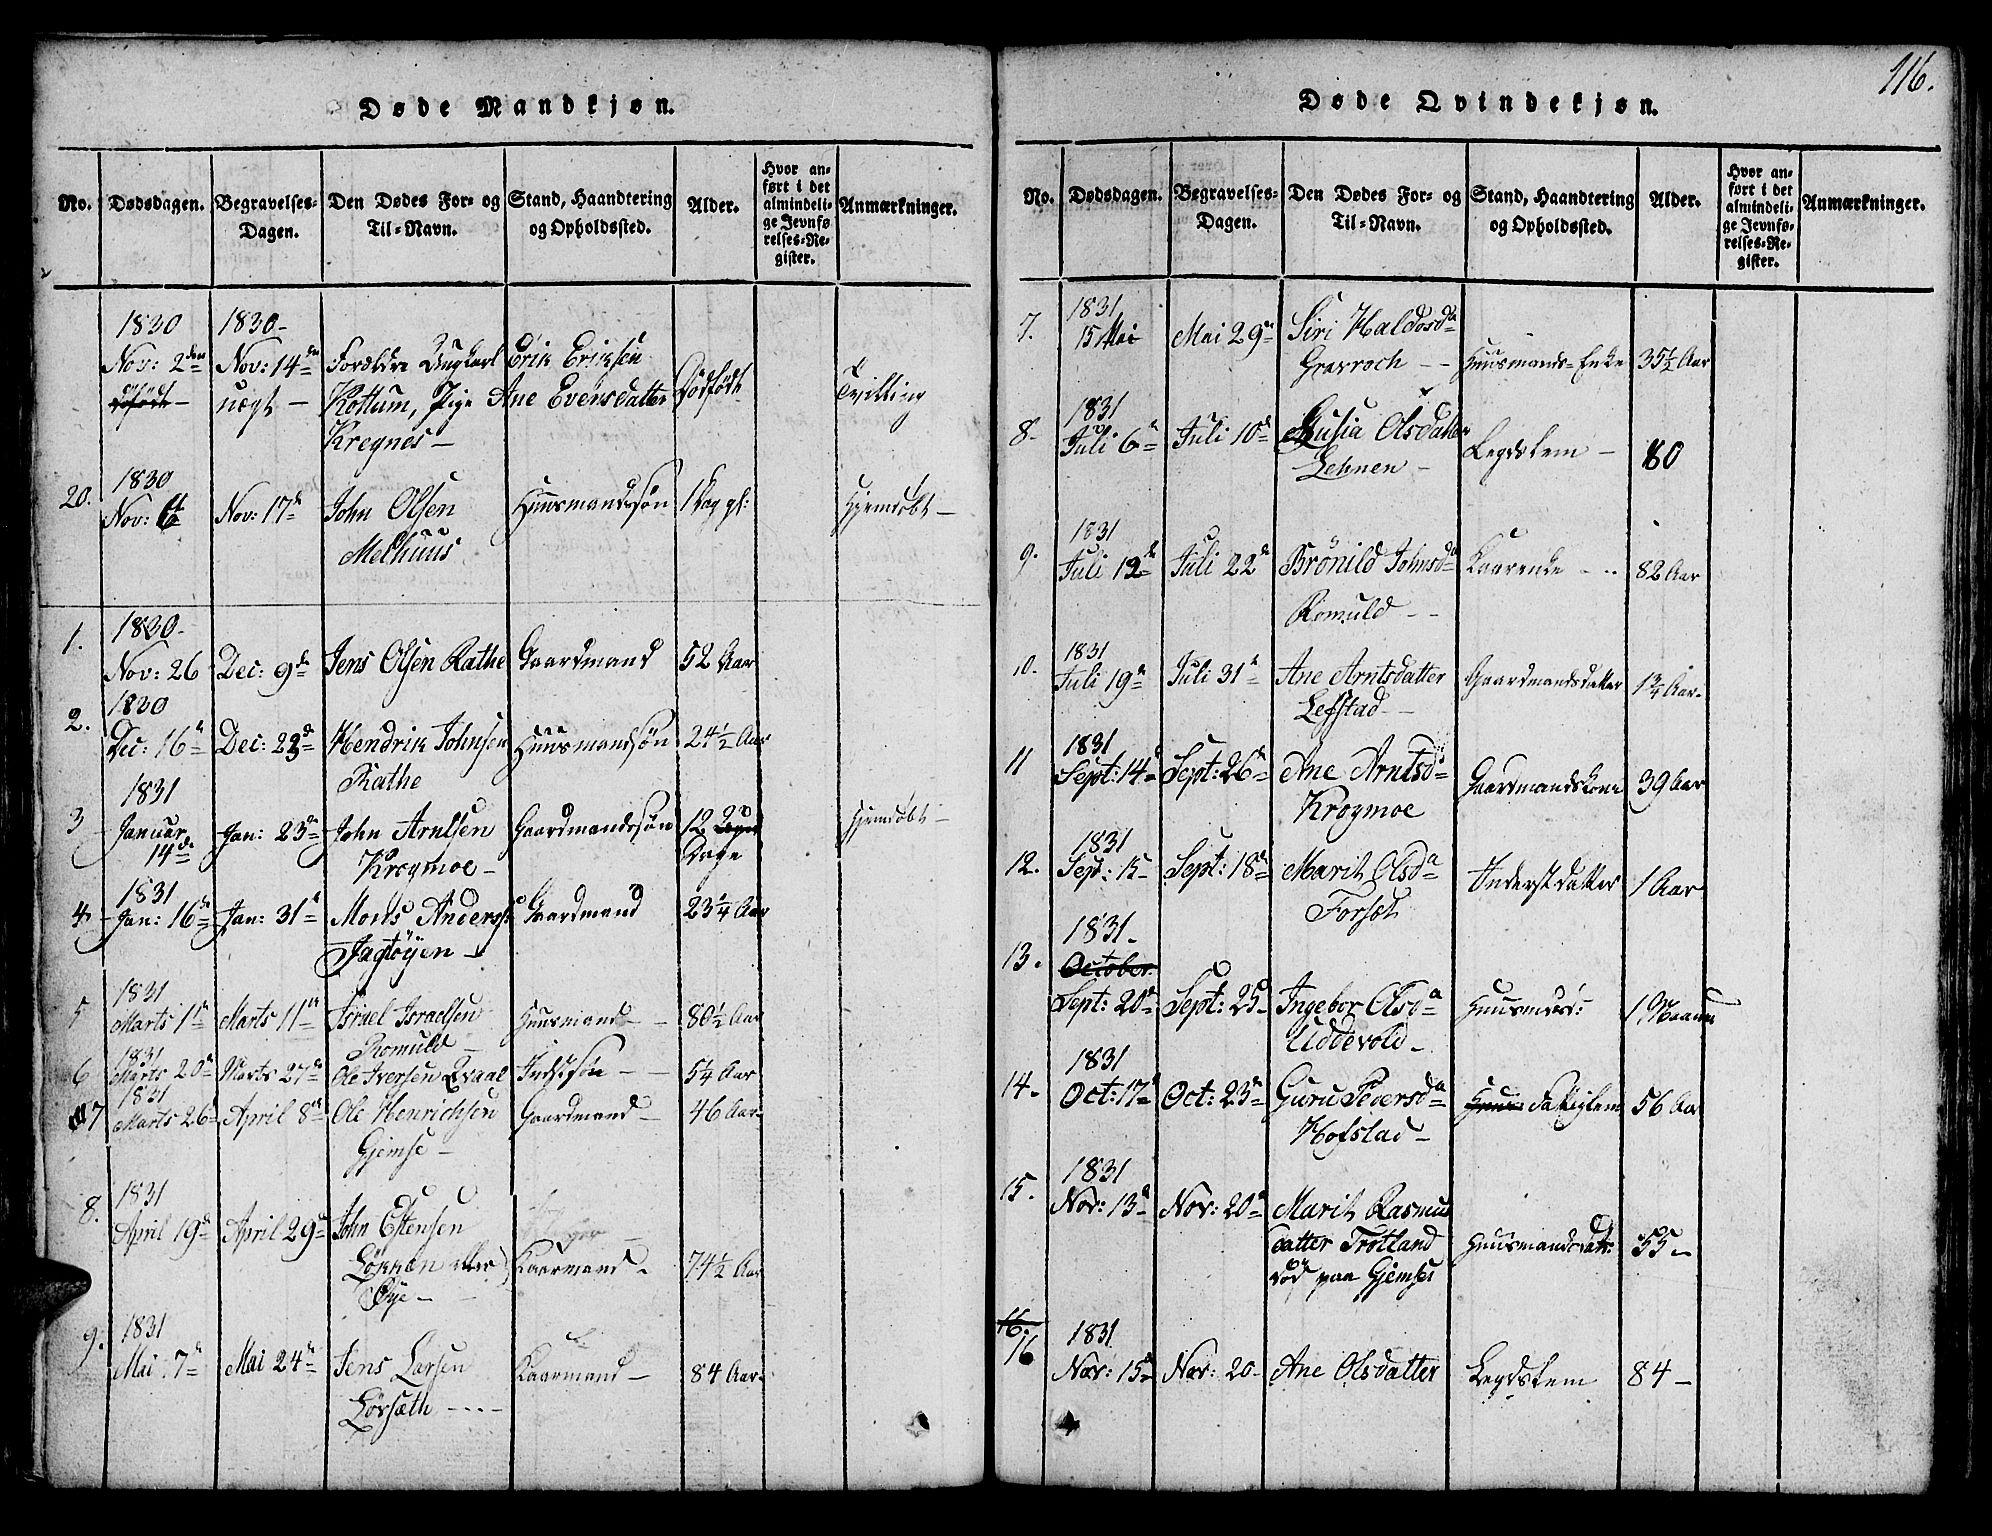 SAT, Ministerialprotokoller, klokkerbøker og fødselsregistre - Sør-Trøndelag, 691/L1092: Klokkerbok nr. 691C03, 1816-1852, s. 116